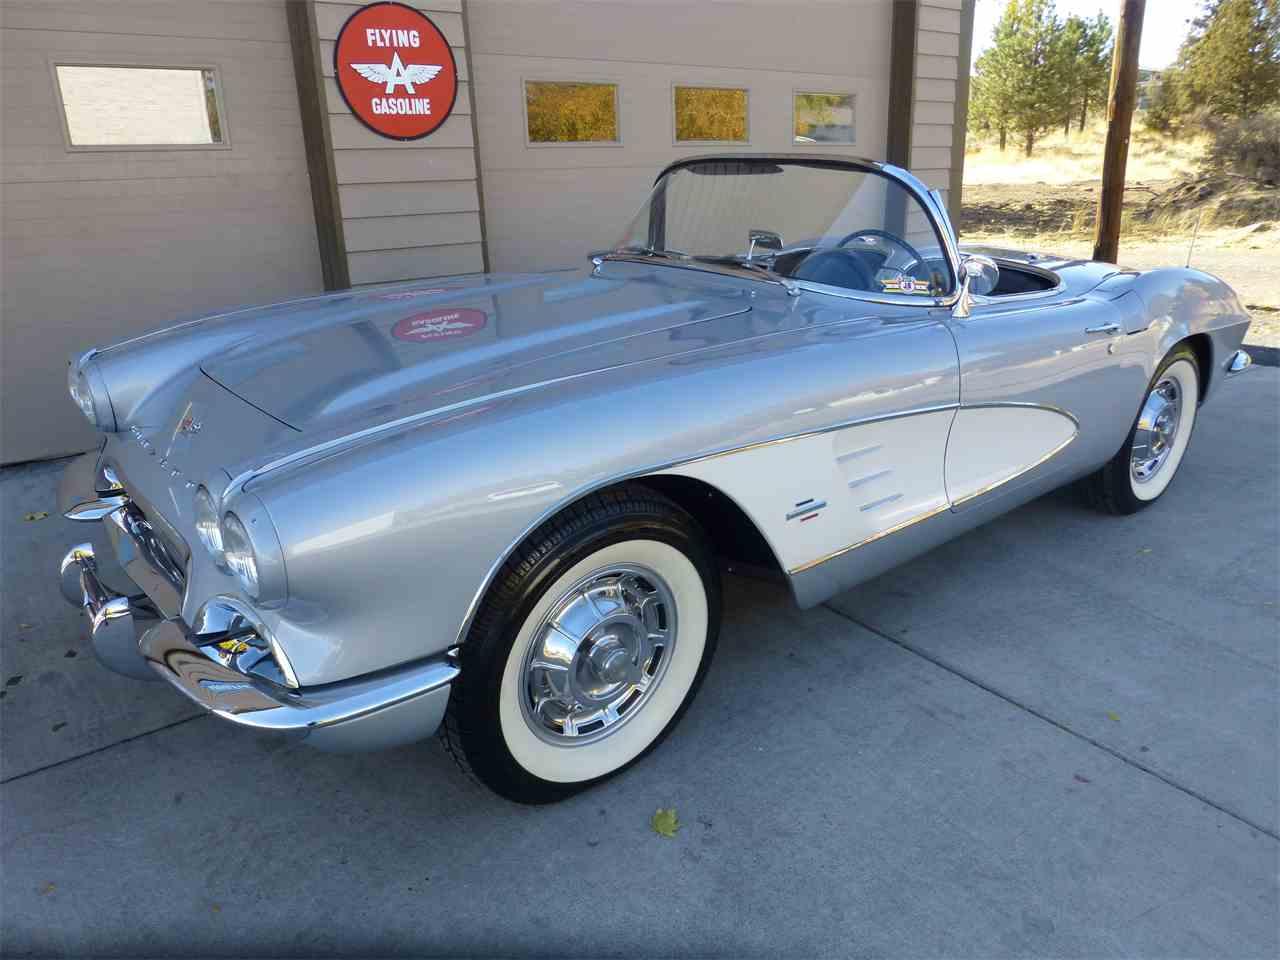 1961 Corvette For Sale >> 1961 Chevrolet Corvette For Sale Classiccars Com Cc 1039442